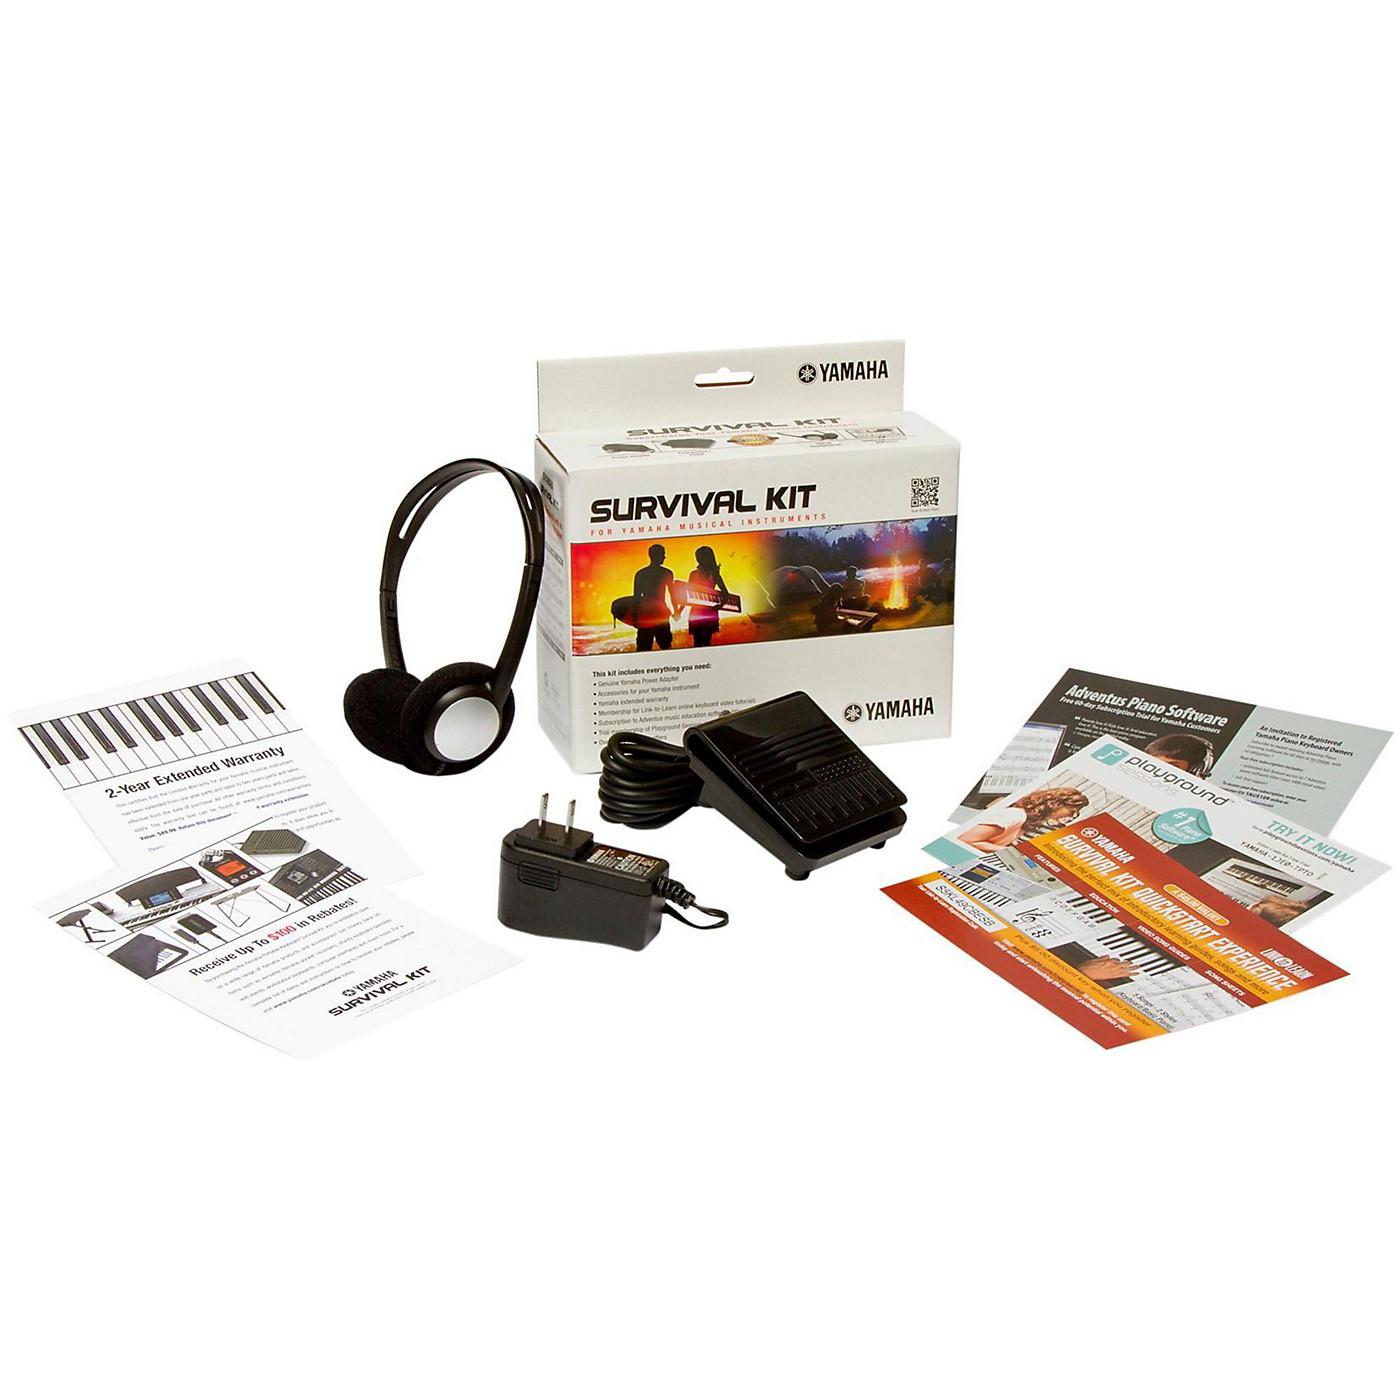 Yamaha Survival Kit B2 for PSRE273, PSRE363, NP12 and EW300 thumbnail